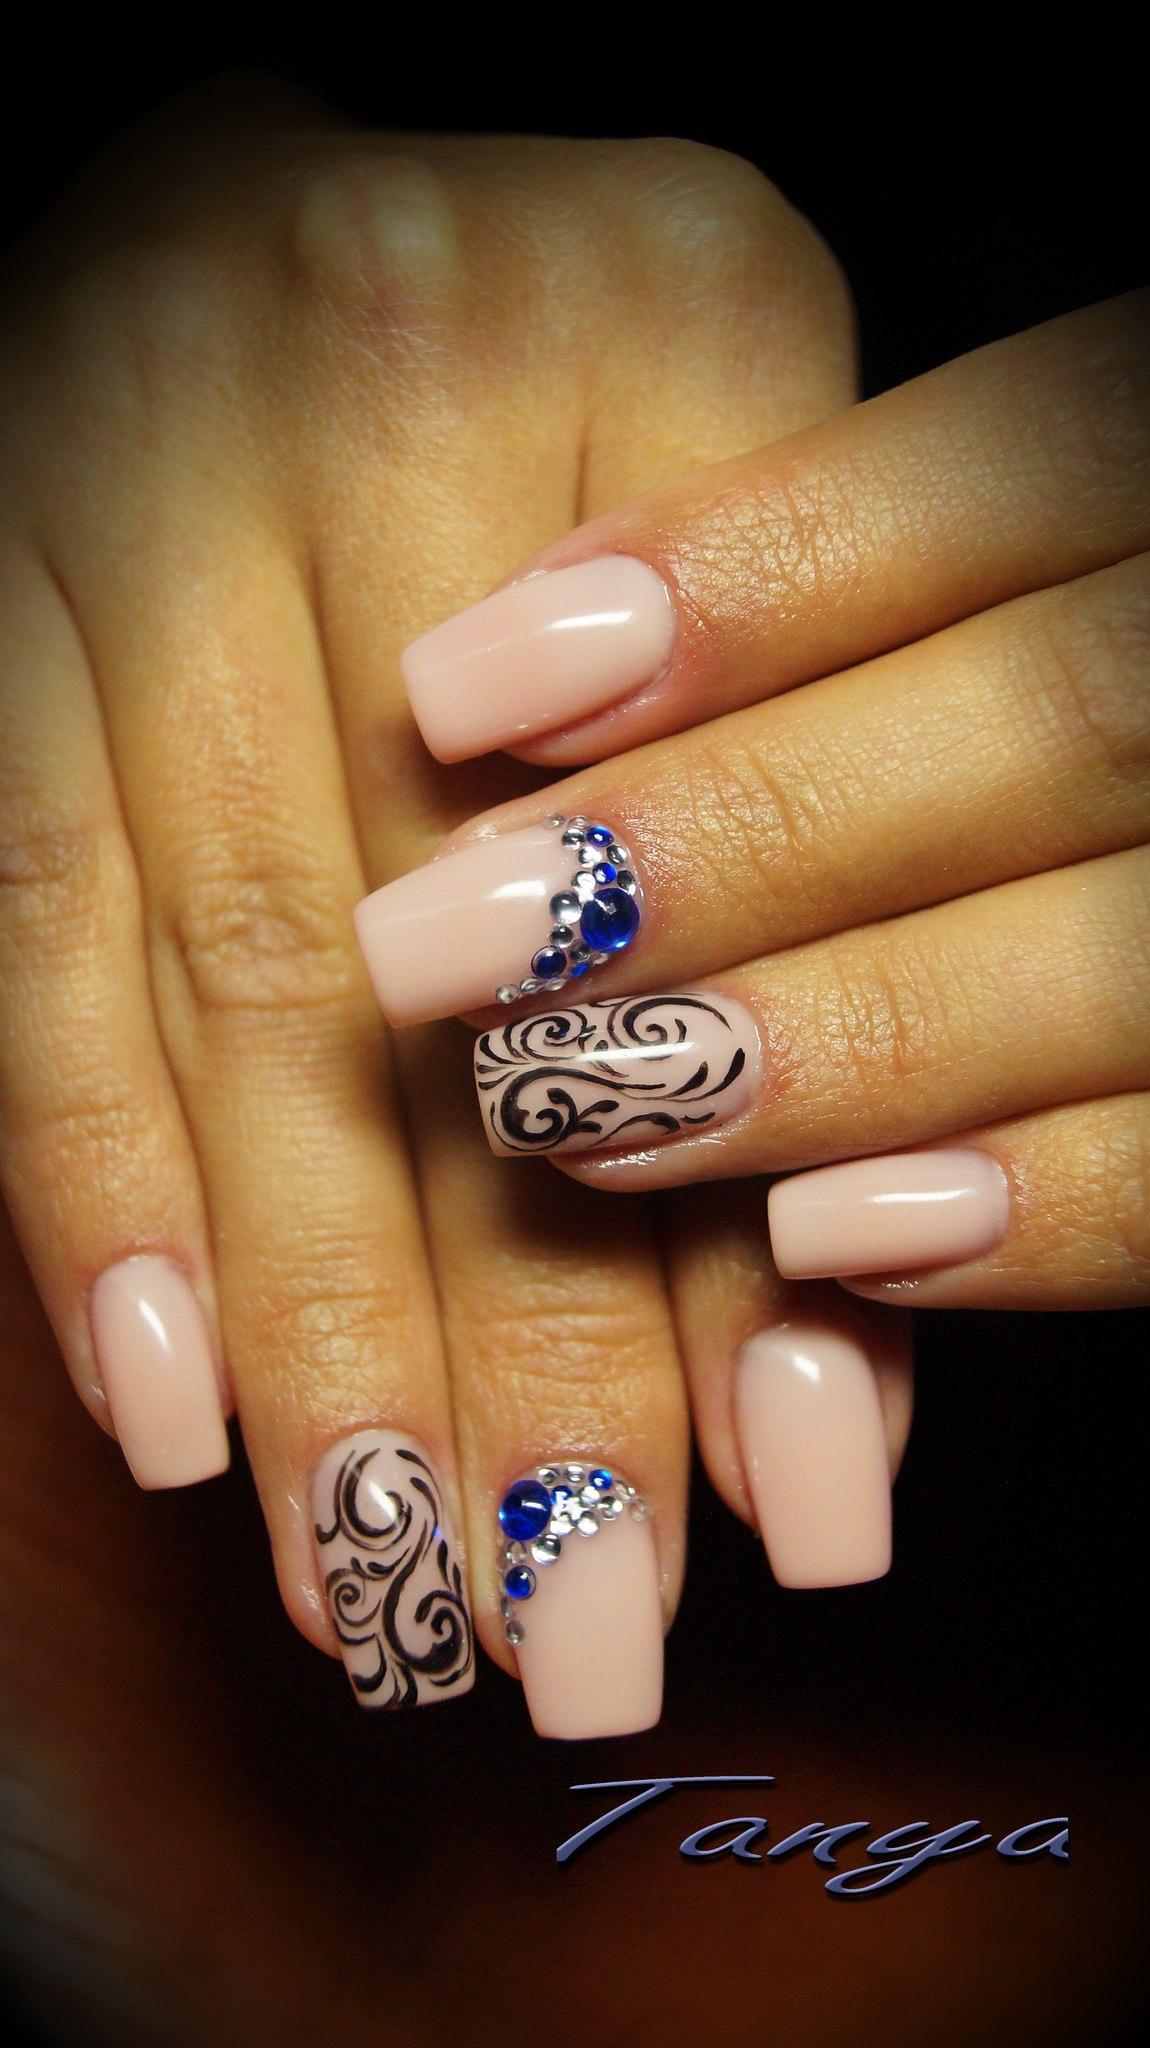 Нарощенные ногти на весну фото